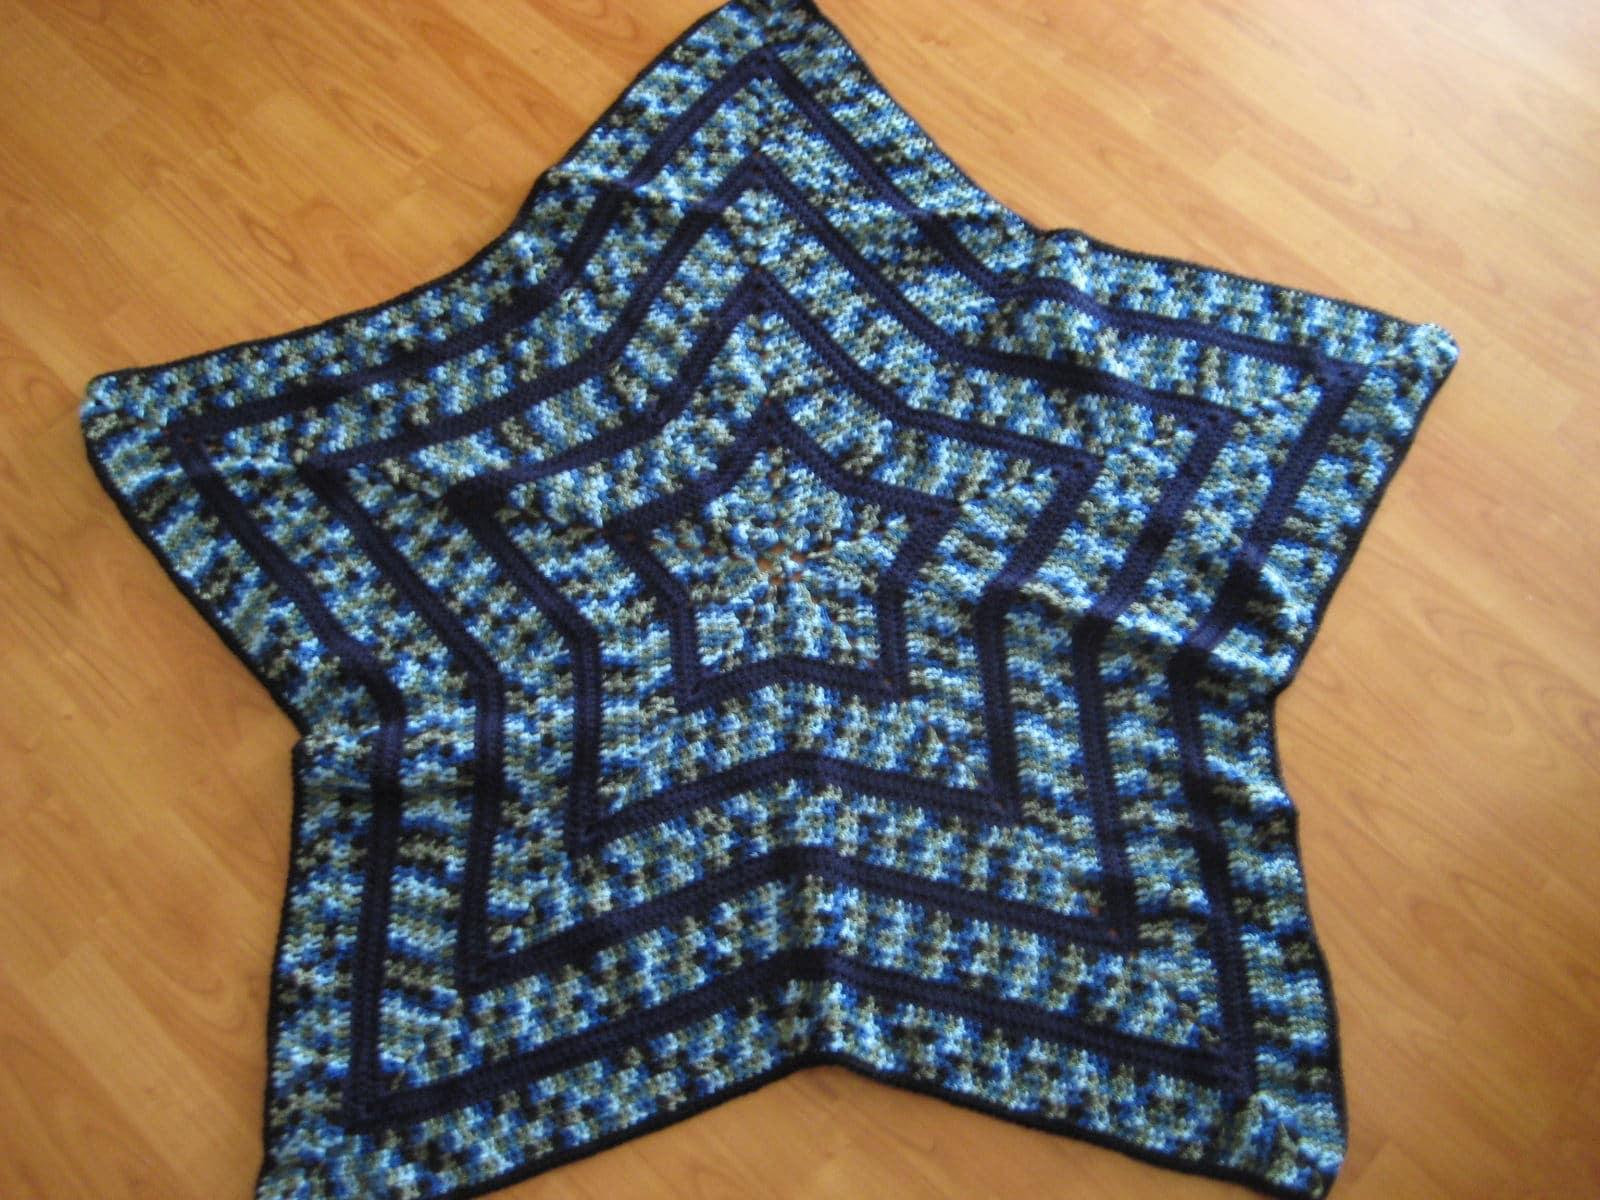 Handmade Star Shaped Crochet Afghan Blanket Etsy